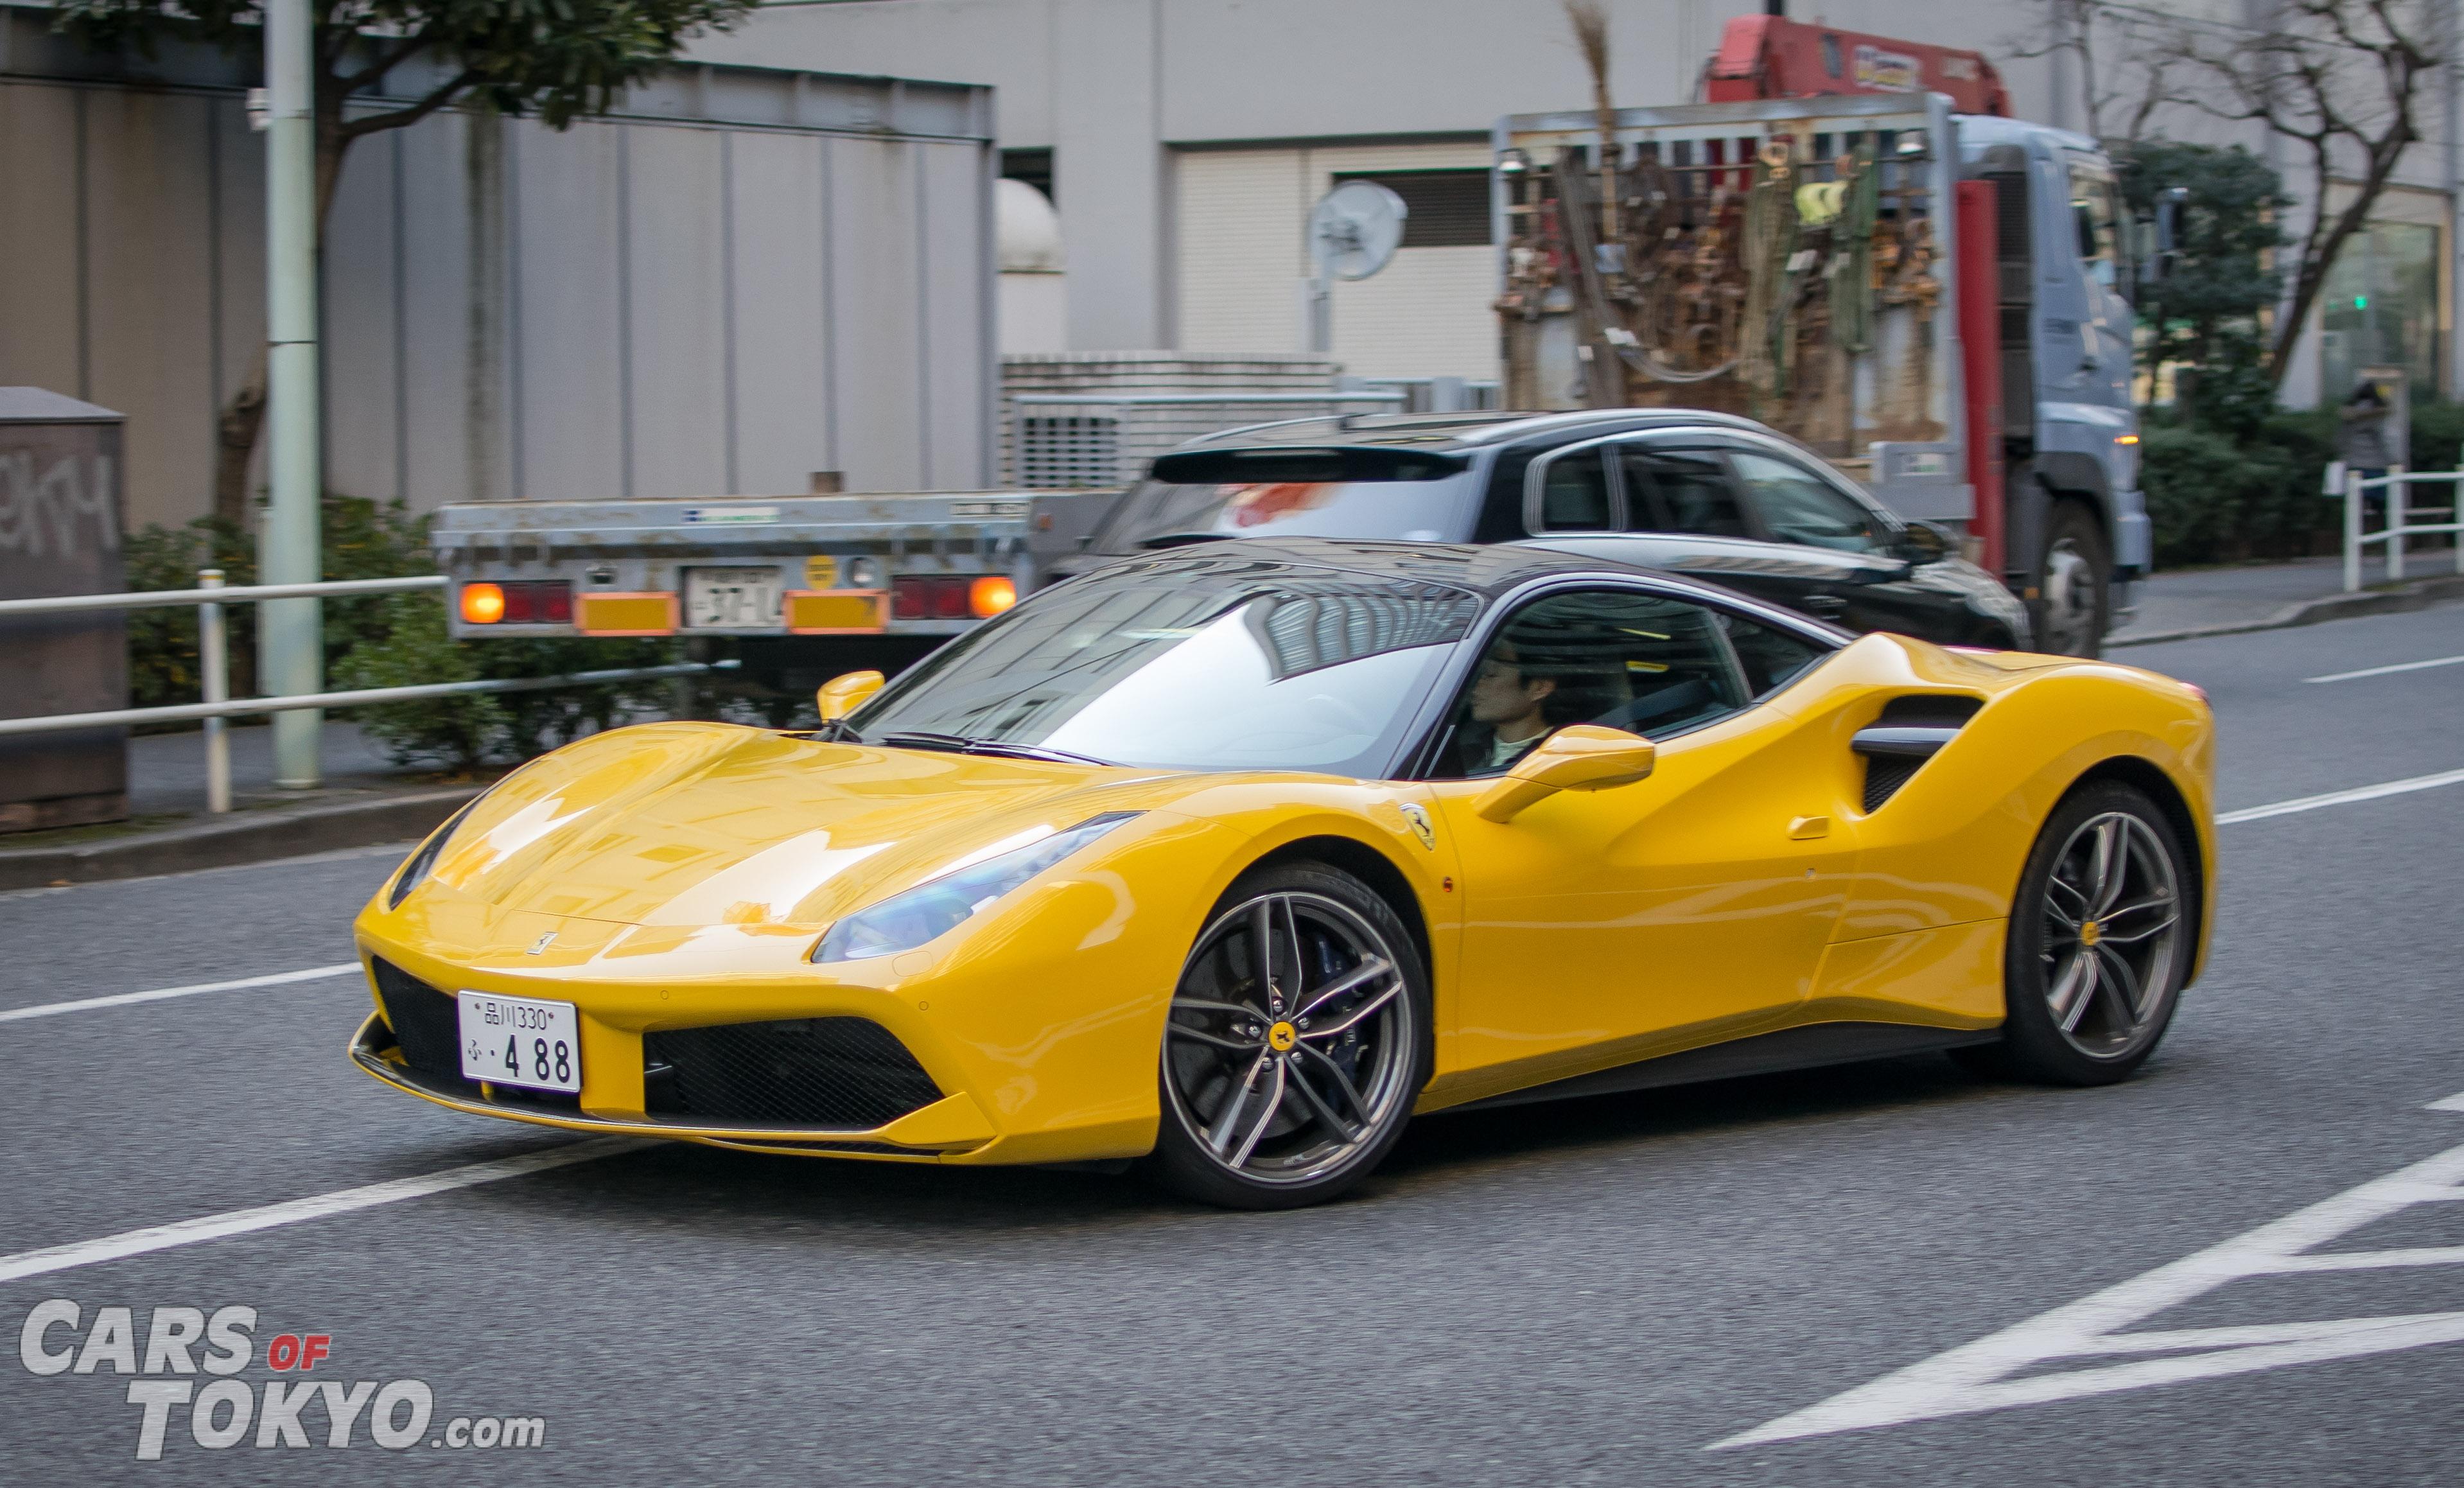 Cars of Tokyo Clean Ferrari 488 GTB